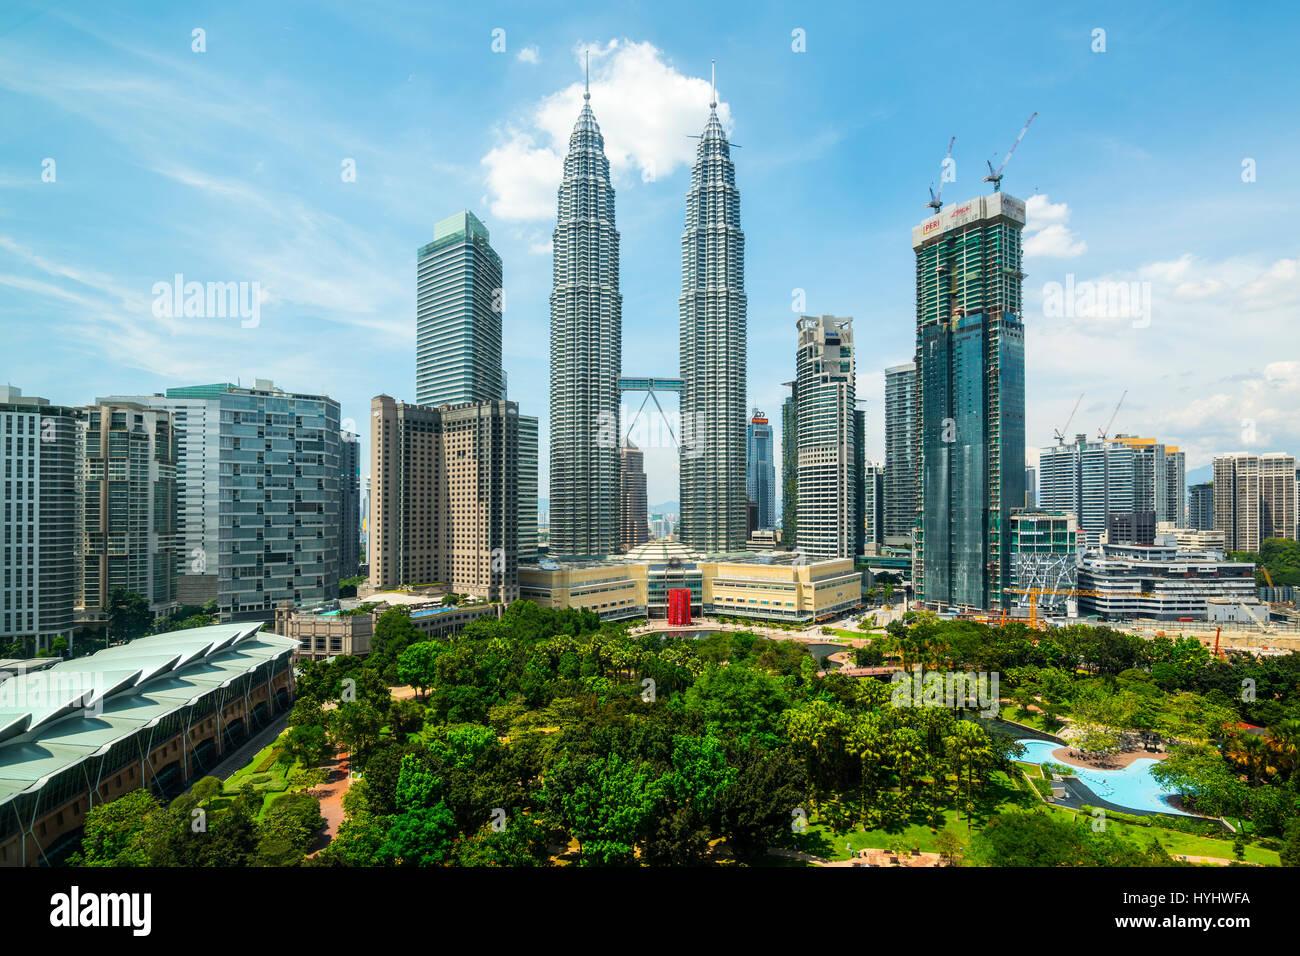 Las torres Petronas y el centro de Kuala Lumpur, Malasia en el KLCC Park Imagen De Stock